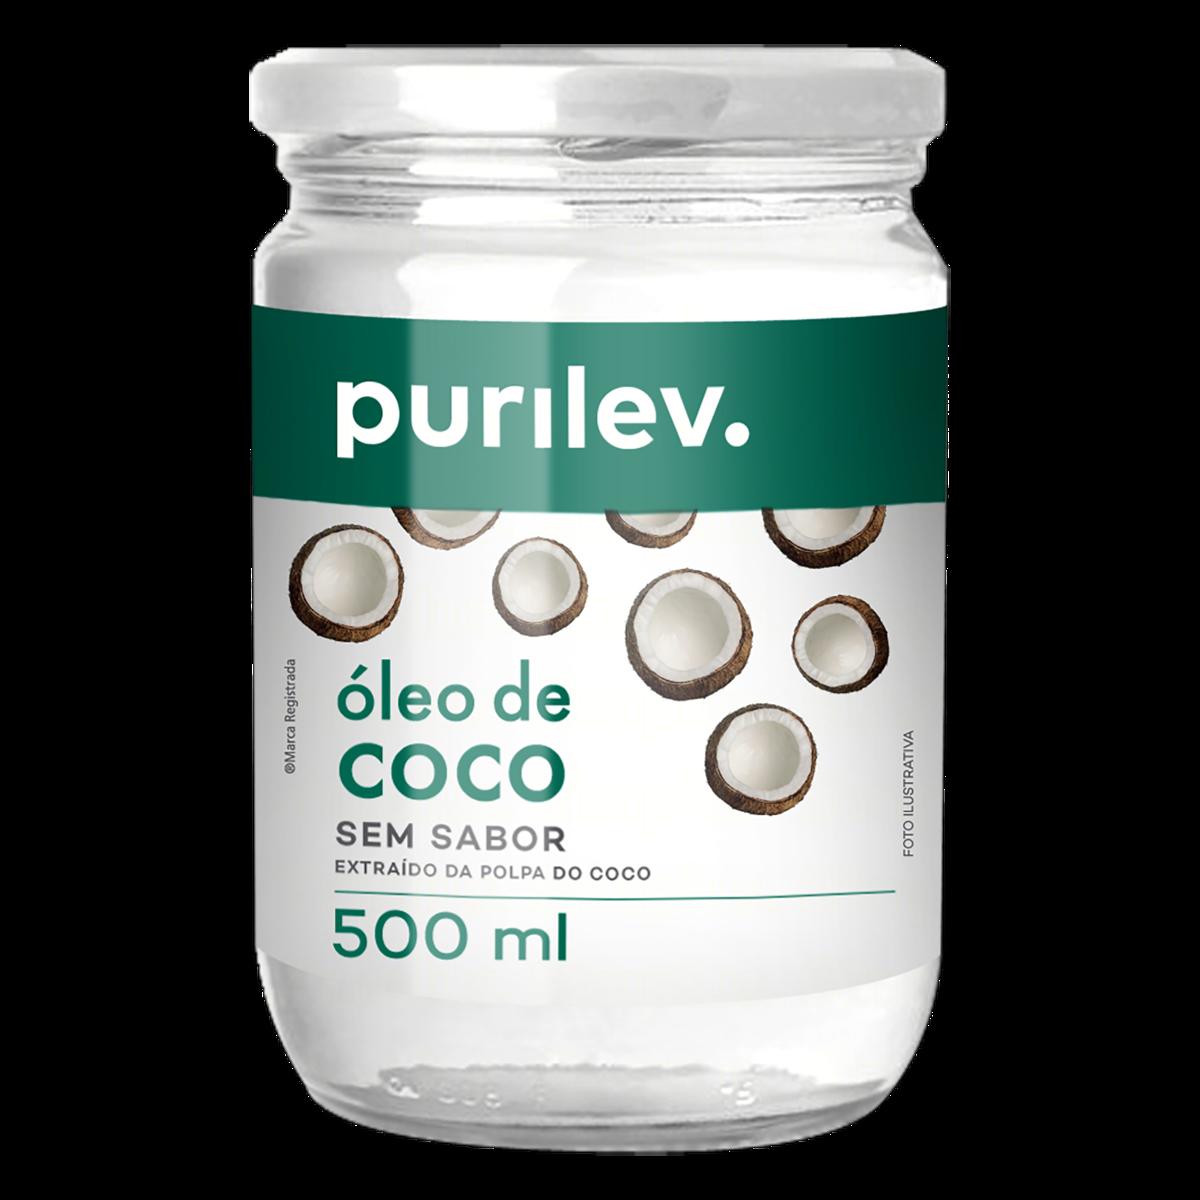 OLEO DE COCO PURILEV 500ML VD SEM SABOR